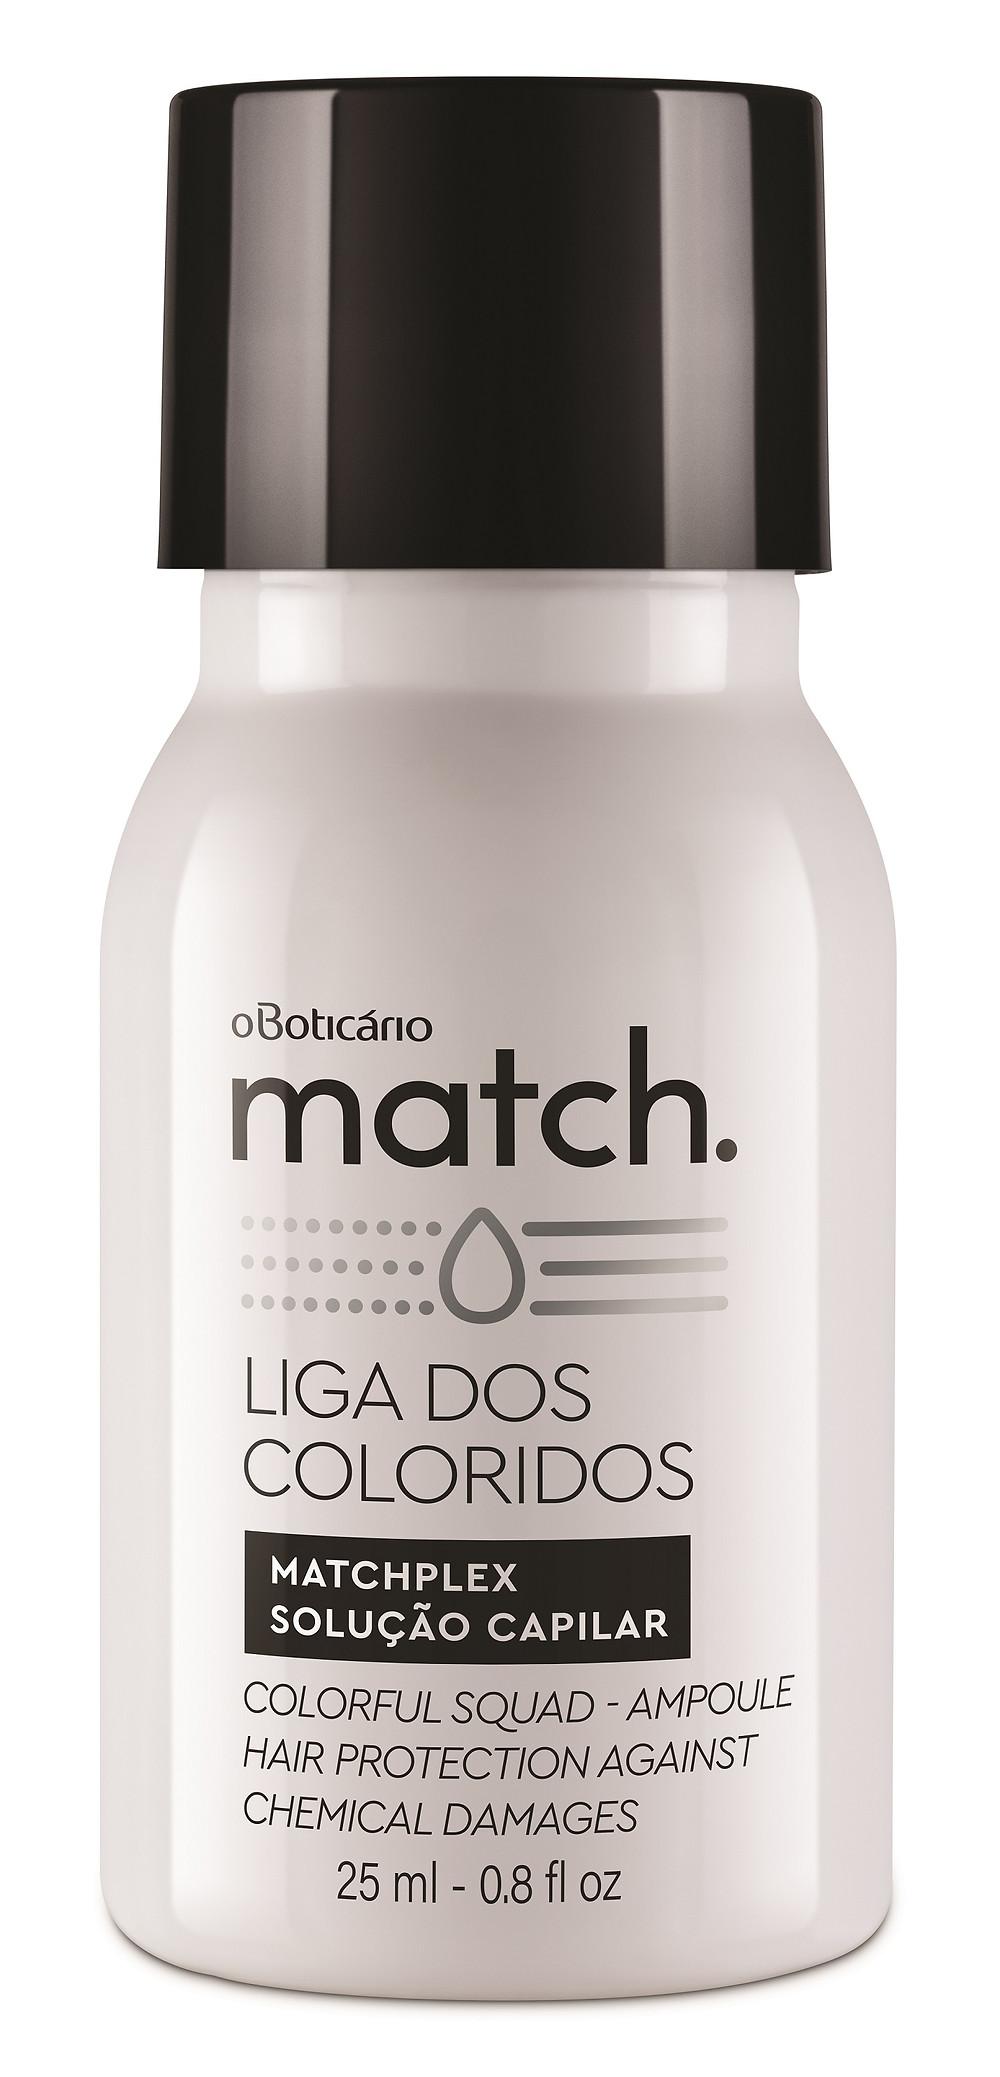 Match Liga dos Coloridos Matchplex, 75 ml Preço sugerido: R$ 69,90